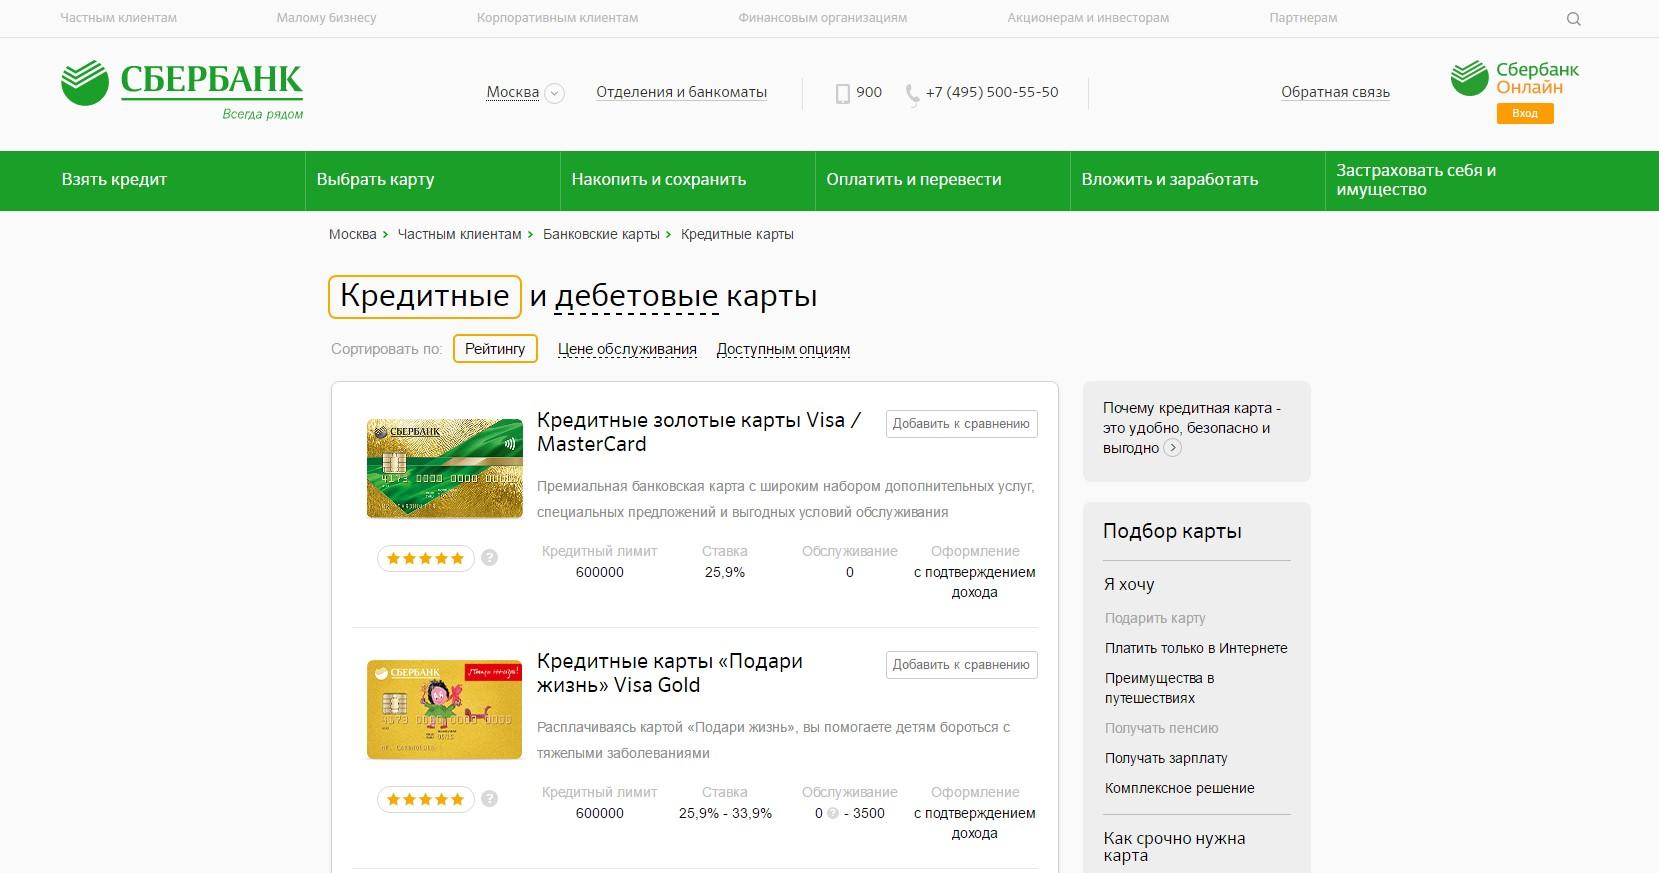 Где можно взять кредит в Омске с плохой кредитной